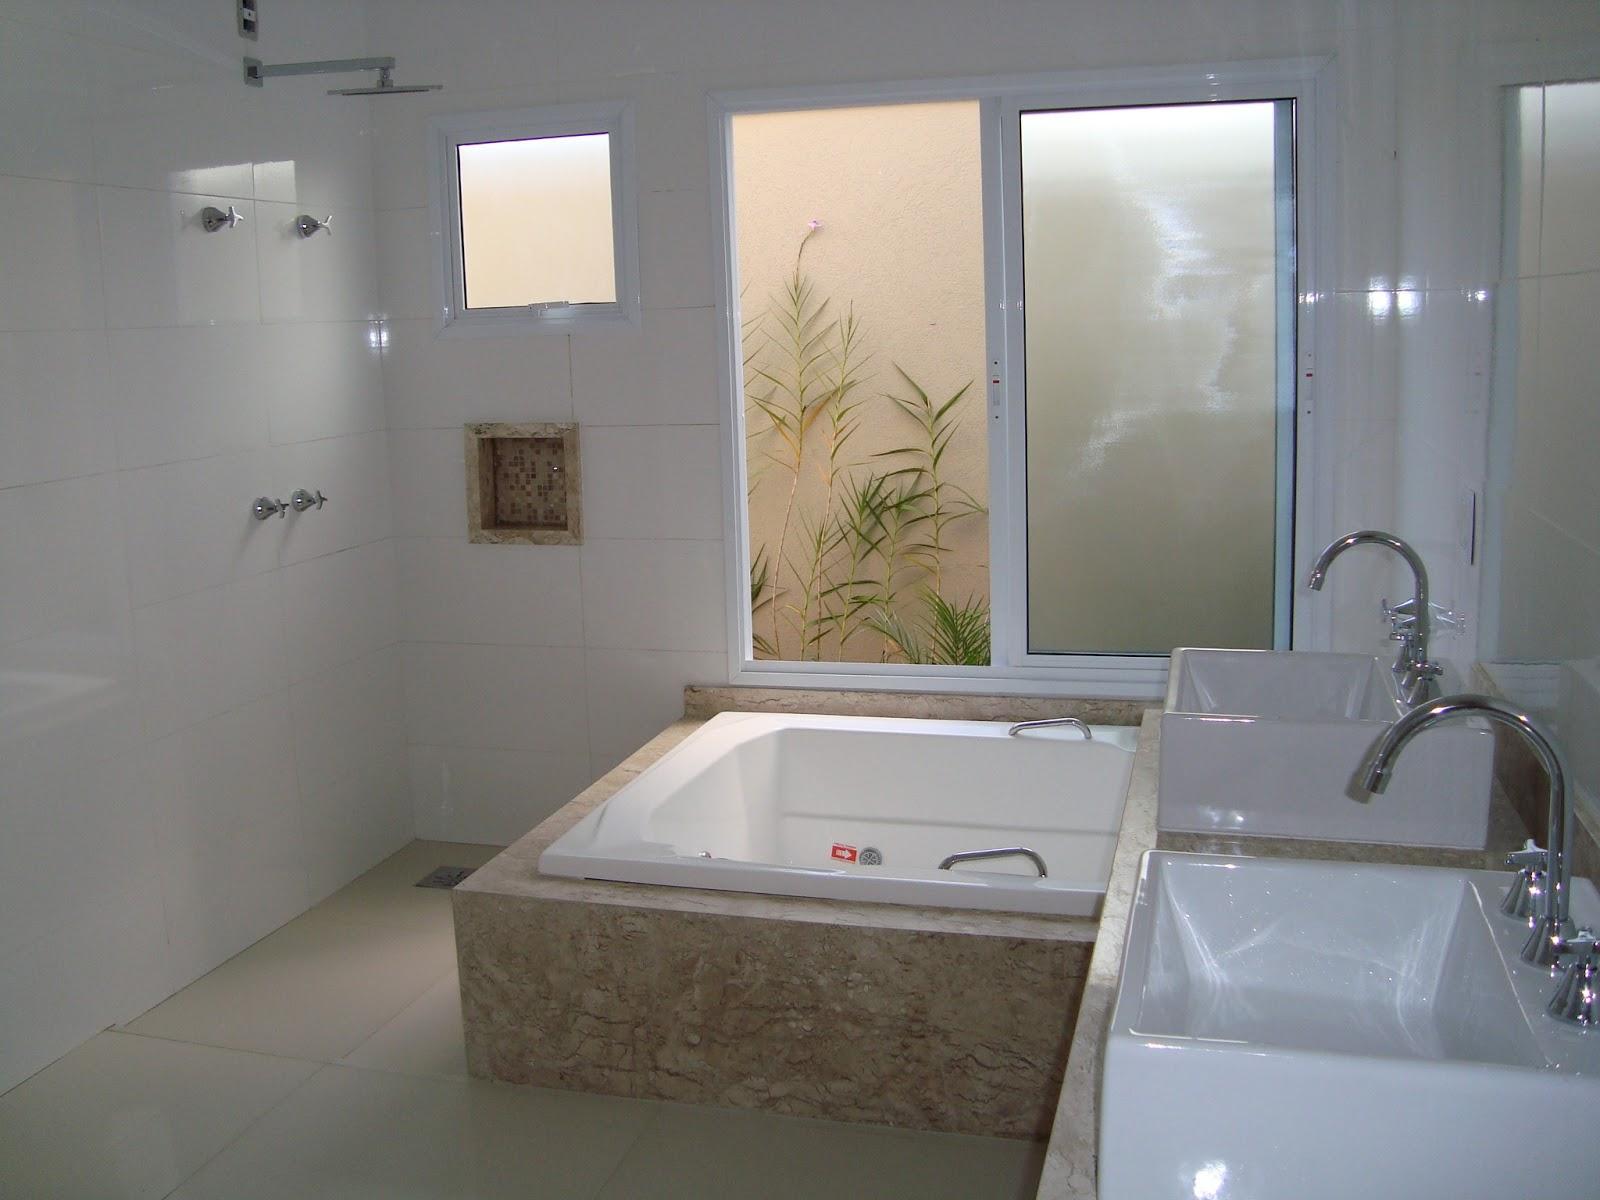 apto 1 e 2 banheiros dos apartamentos banheiros dos apartamentos #7E694D 1600 1200